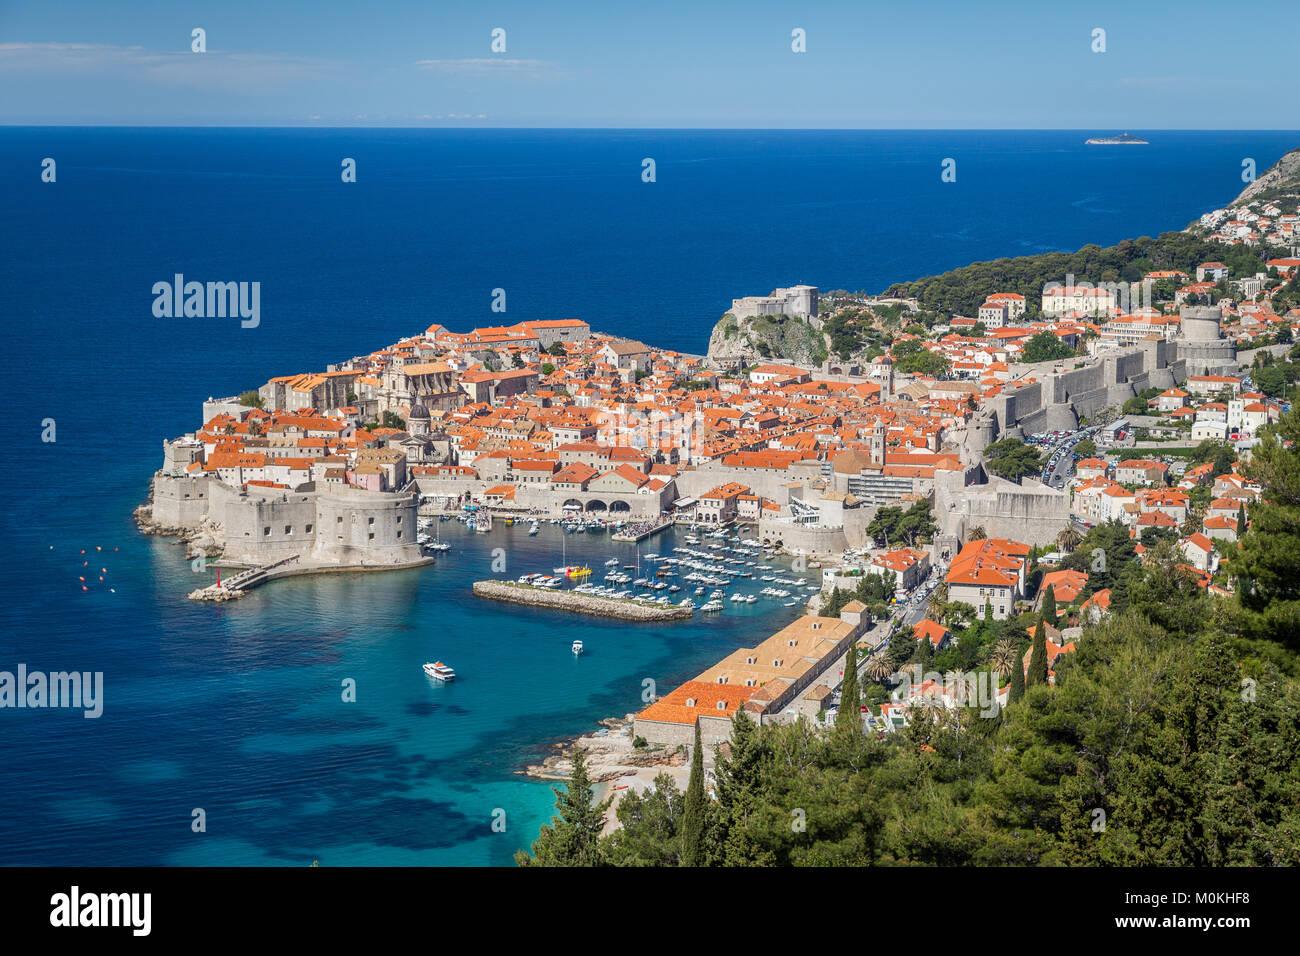 Panoramablick auf die Altstadt von Dubrovnik, eines der bekanntesten touristischen Destinationen im Mittelmeer, Stockbild